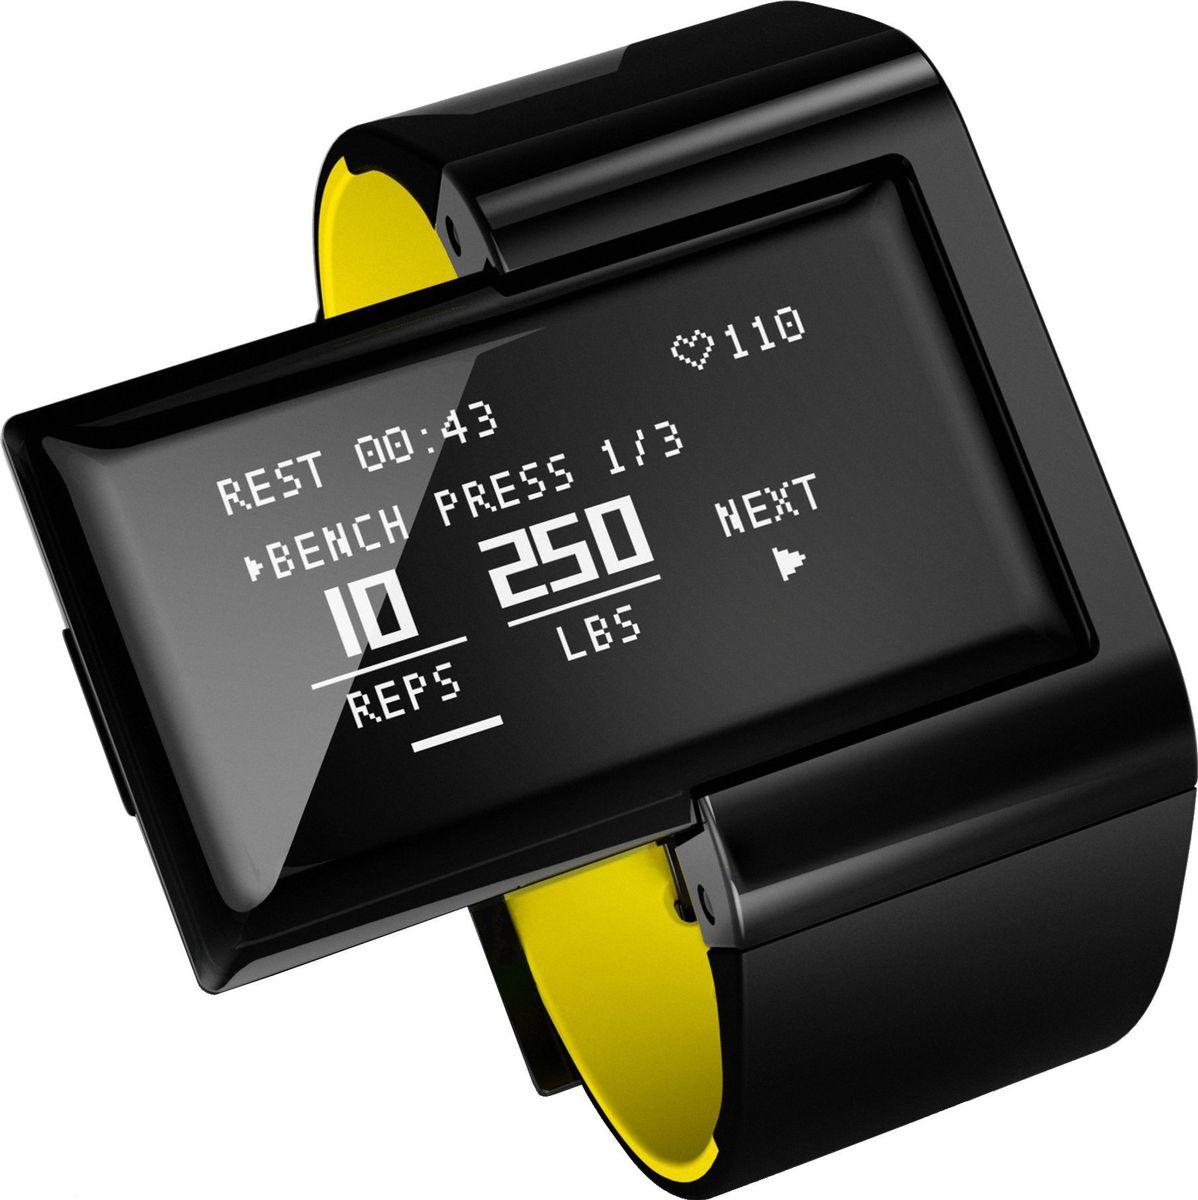 Пульсометр Atlas, цвет: зеленыйA102AW-YLWAtlas Wearables – фитнес-трекер, фиксирующий ежедневную активность и статистику тренировок. Устройство подсчитывает частоту сердечных сокращений, тип и число повторений, интенсивность нагрузки, пройденное расстояние, сожженные калории, оценивает спортивную форму владельца и даже дает советы. В памяти трекера предустановлены сведения о более сотни популярных упражнений. При этом устройство способно учиться, запоминая новые виды движений. Данные статистики синхронизируются с мобильным устройством для наглядной визуализации.ОСОБЕННОСТИBluetooth 4.0 позволяет синхронизировать трекер с устройствами на базе Android и iOSОптический датчик сердечного ритма, отображающий пульс в режиме реального времени3-х осевой акселерометр и гироскоп, определяющие микродвижения в трехмерном пространствеРежим Freestyle Mode: определяет упражнение, подсчитывает число повторений, замеряет пульс и рассчитывает количество сожжённых калорийРежиме Coach Mode: позволяет выбрать упражнение из обширной базы, фиксирует время активности и отдыхаАнализ эффективности и правильности выполнения упражненийОбновляемая база упражнений, разработанная профессиональными тренерами и спортсменамиВнутренняя память позволяет хранить данные о 365 часах тренировок без синхронизации со смартфономФирменное приложение Atlas Wearables для доступа к статистике тренировокТЕХНИЧЕСКИЕ ХАРАКТЕРИСТИКИВодостойкий 30 метров (Защита от пота, брызг)Датчики 3-осевой акселерометр3-осевой гироскоп Оптический датчик сердечного ритмаДисплей OLED, 128*64 пикс Зарядка через микро USBМатериал Корпус изготовлен из прочного пластика, ремешок выполнен из силиконового материала. ГипоаллергенныйРазмеры Браслет: ремешок – стандартный размер, обхват запястья - 123мм - 216мм.Аккумулятор Автономная работа - 5 часов активной тренировки или 4 дня в режиме ожидания Аккумулятор емкостью 120mAh, зарядка через Micro-USBПамять 365 часов подробных данных тренировки (в т.ч. ЧСС)Сопряжение Bluetooth Low Energy (BTLE